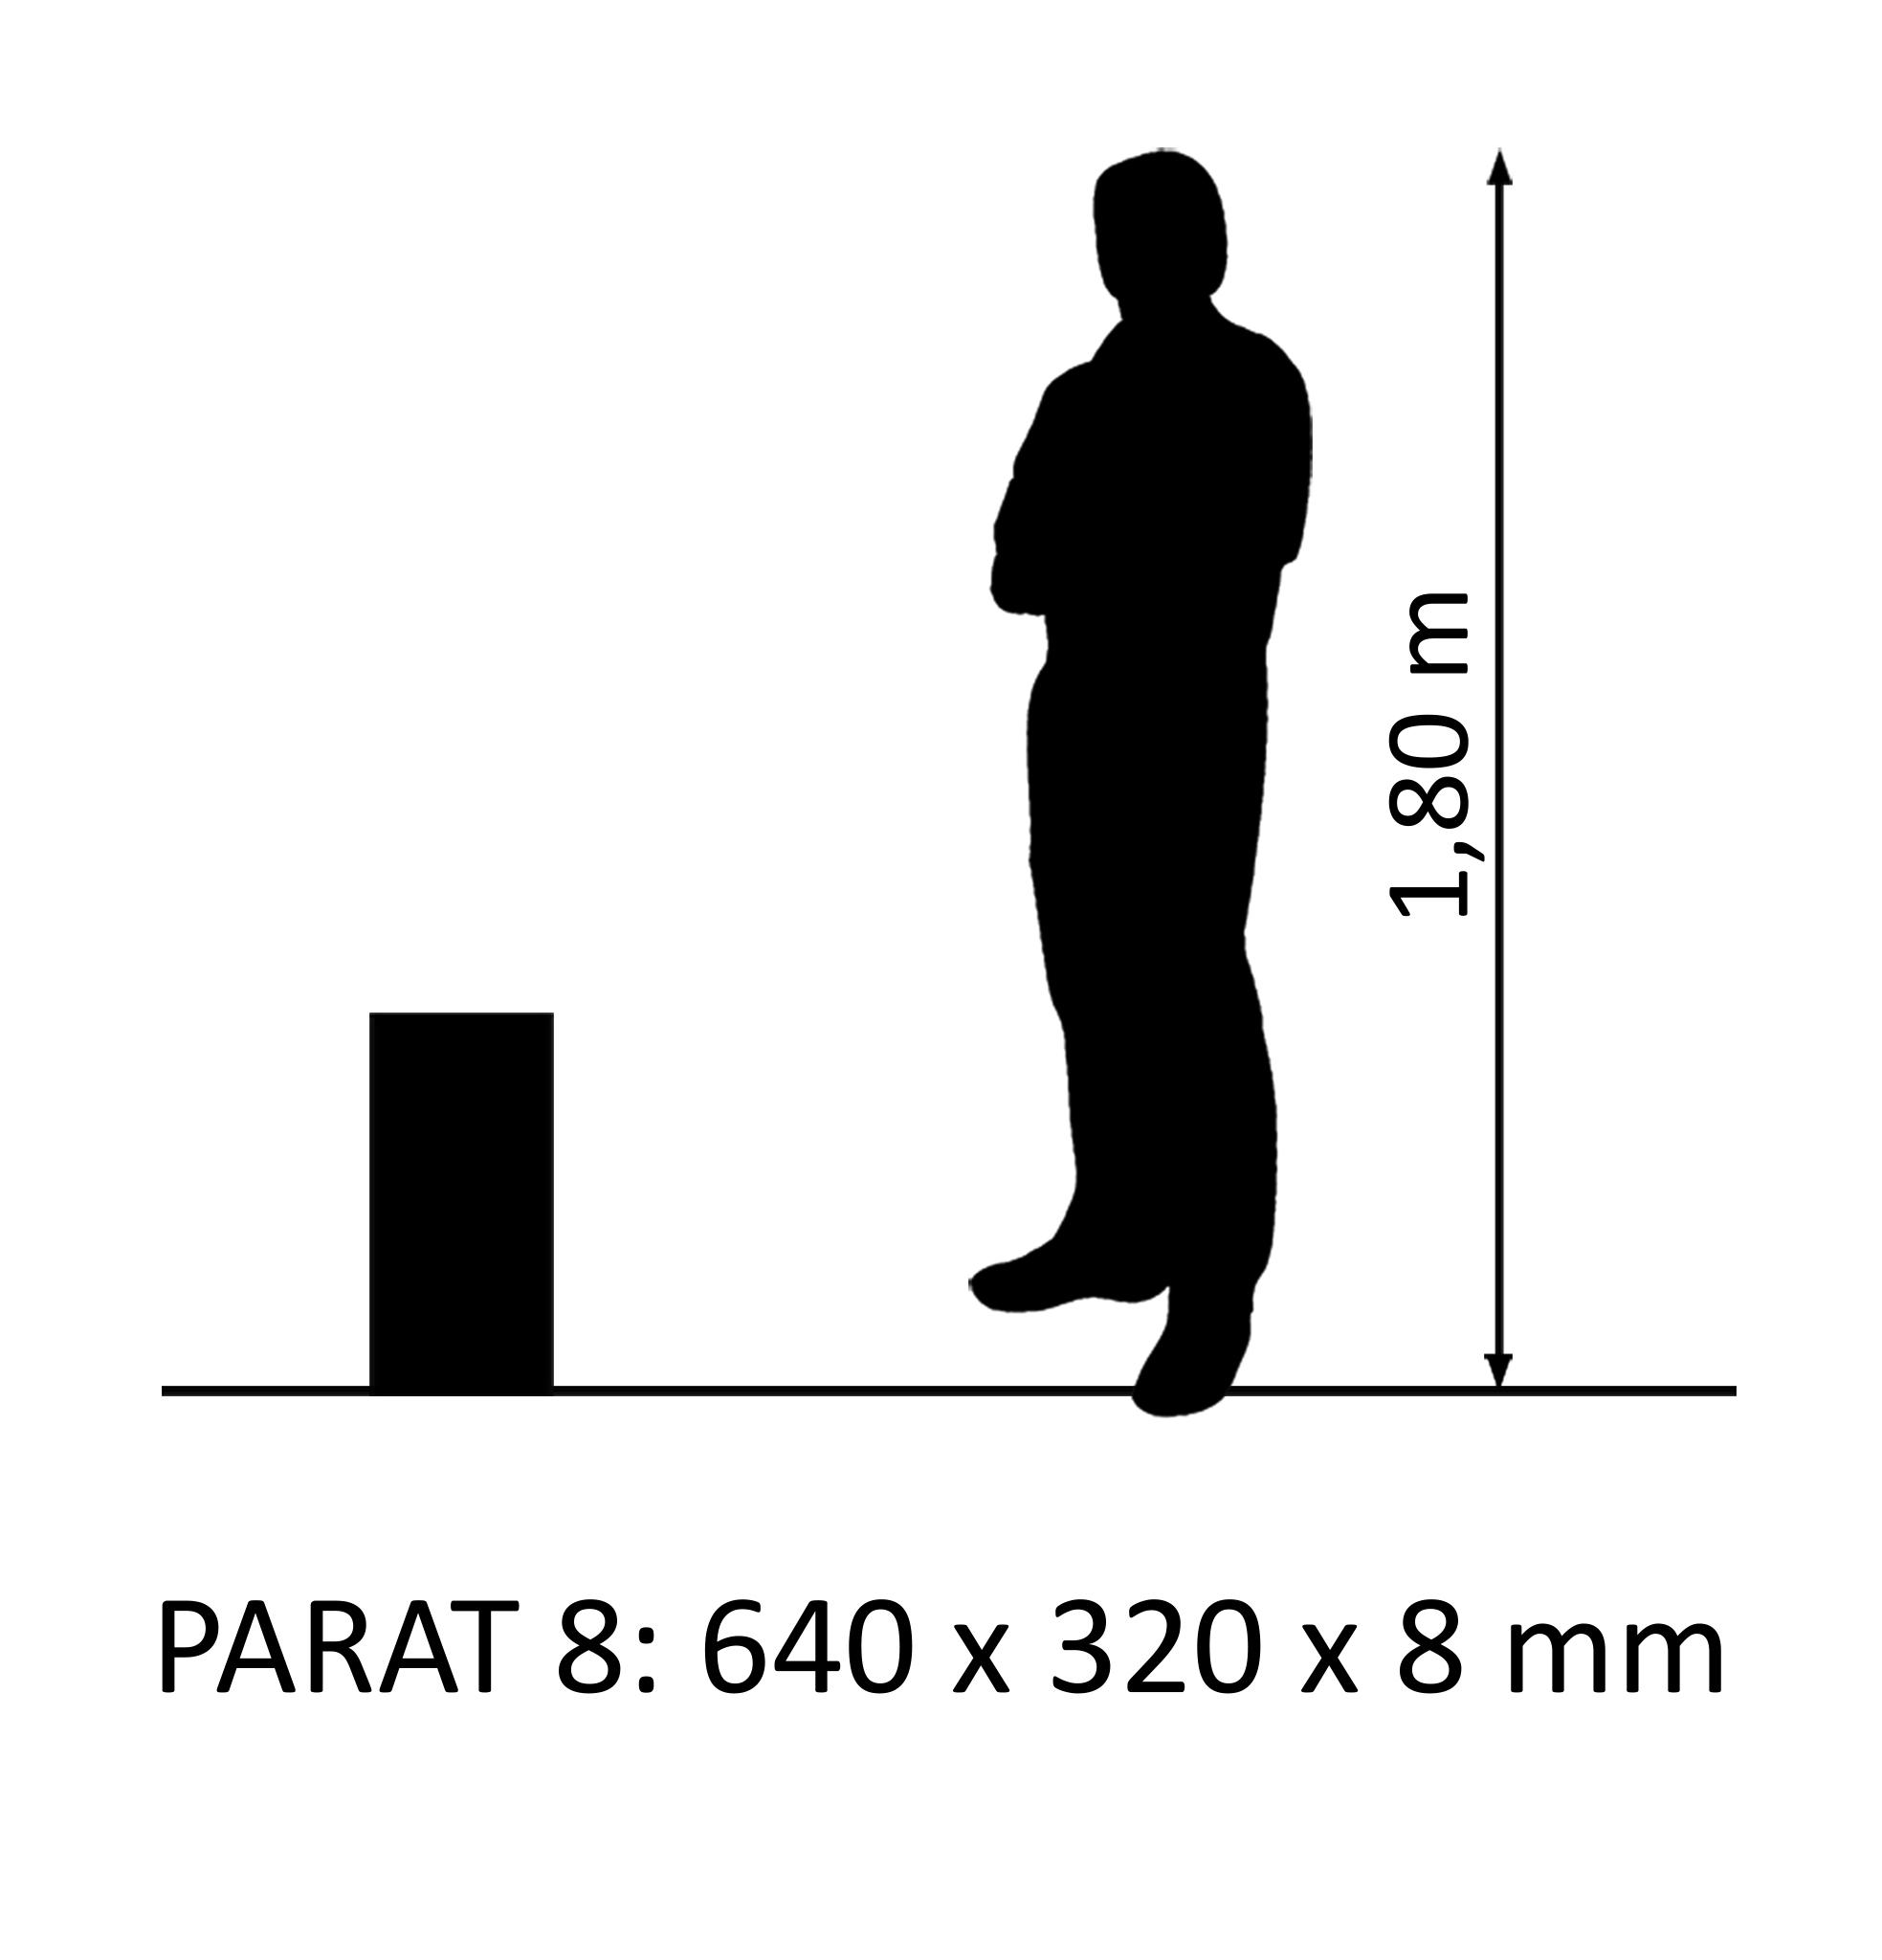 PARAT 8 Eiche Rustikal 8mm